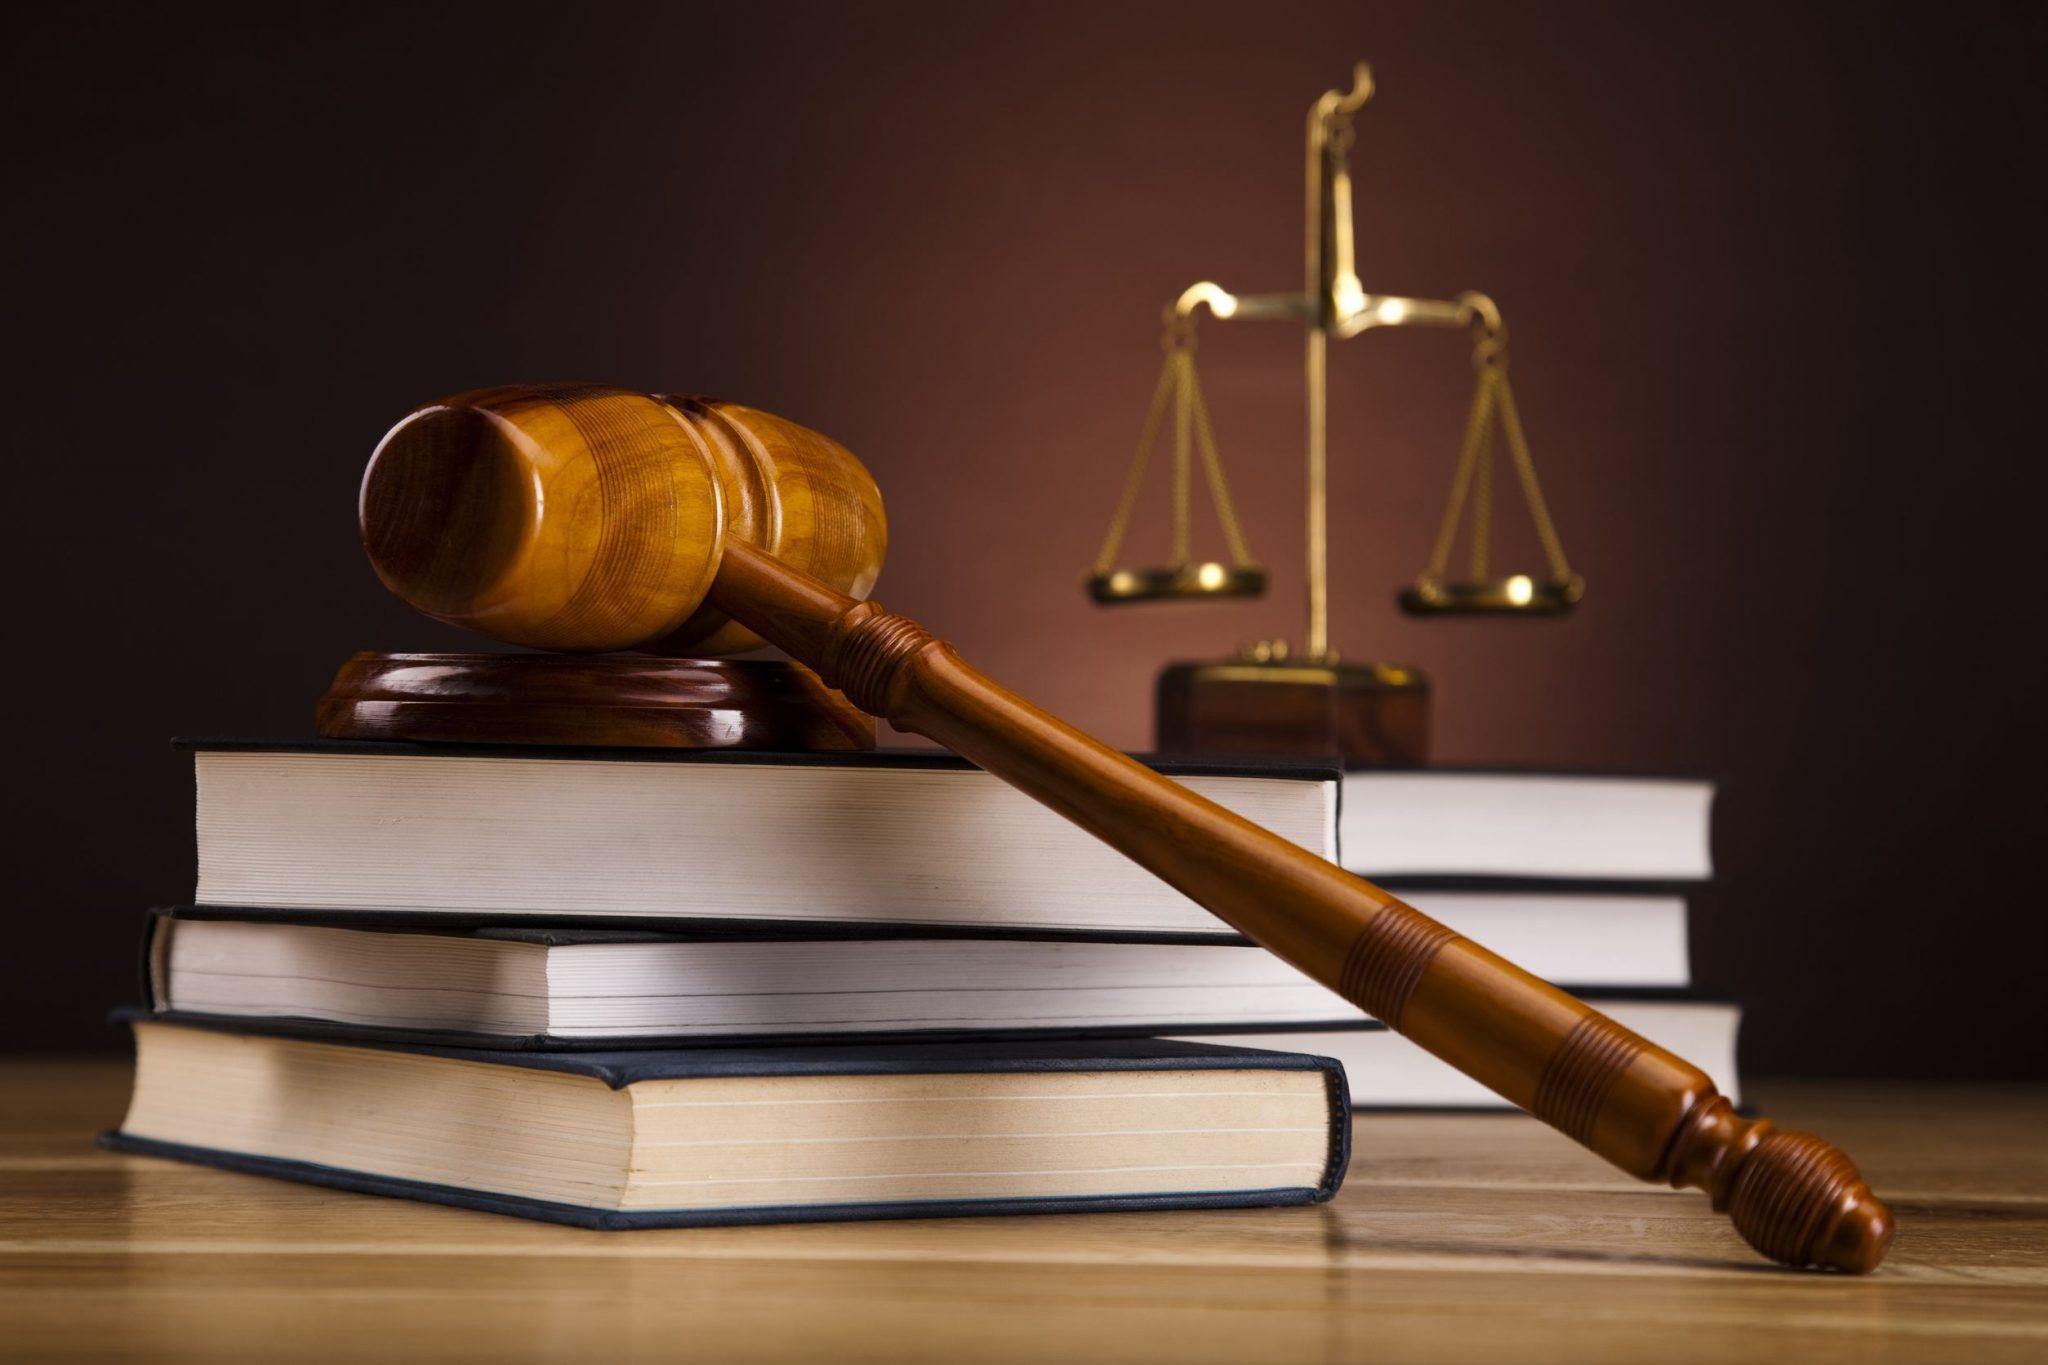 صدور دادخواست خلعید علیه متصرف مال مورد مزایده